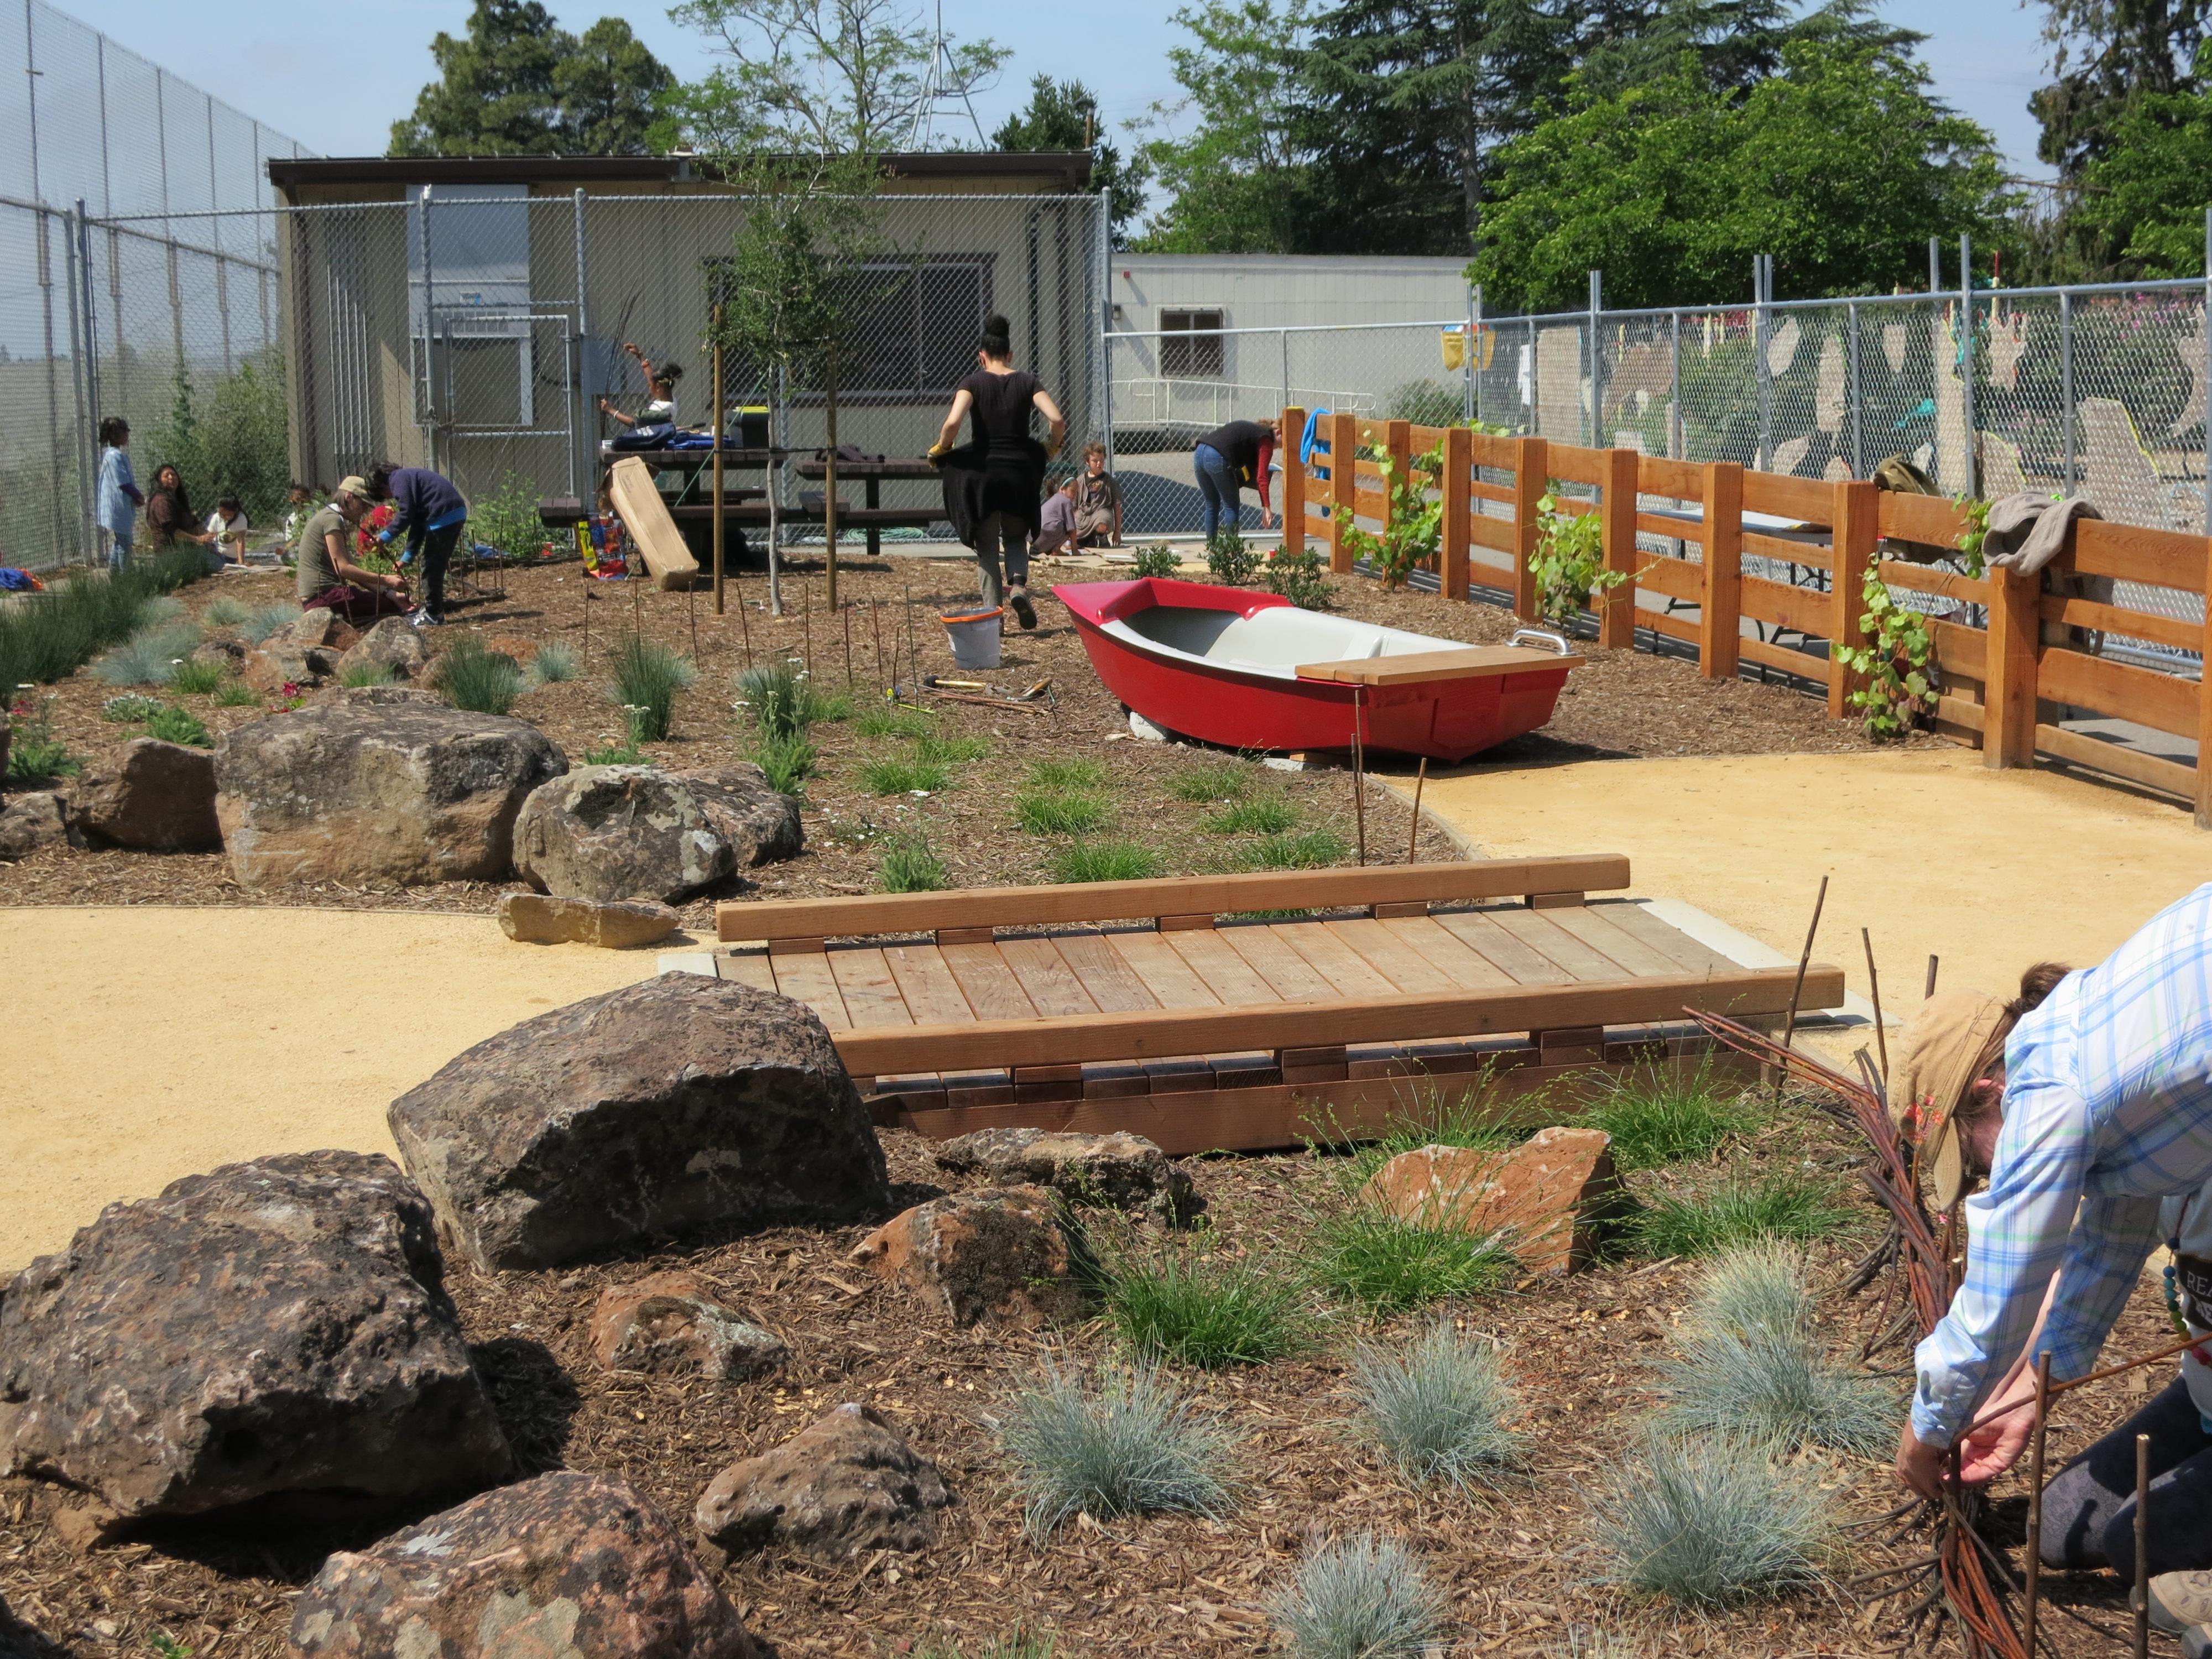 Bay-Friendly School Yard